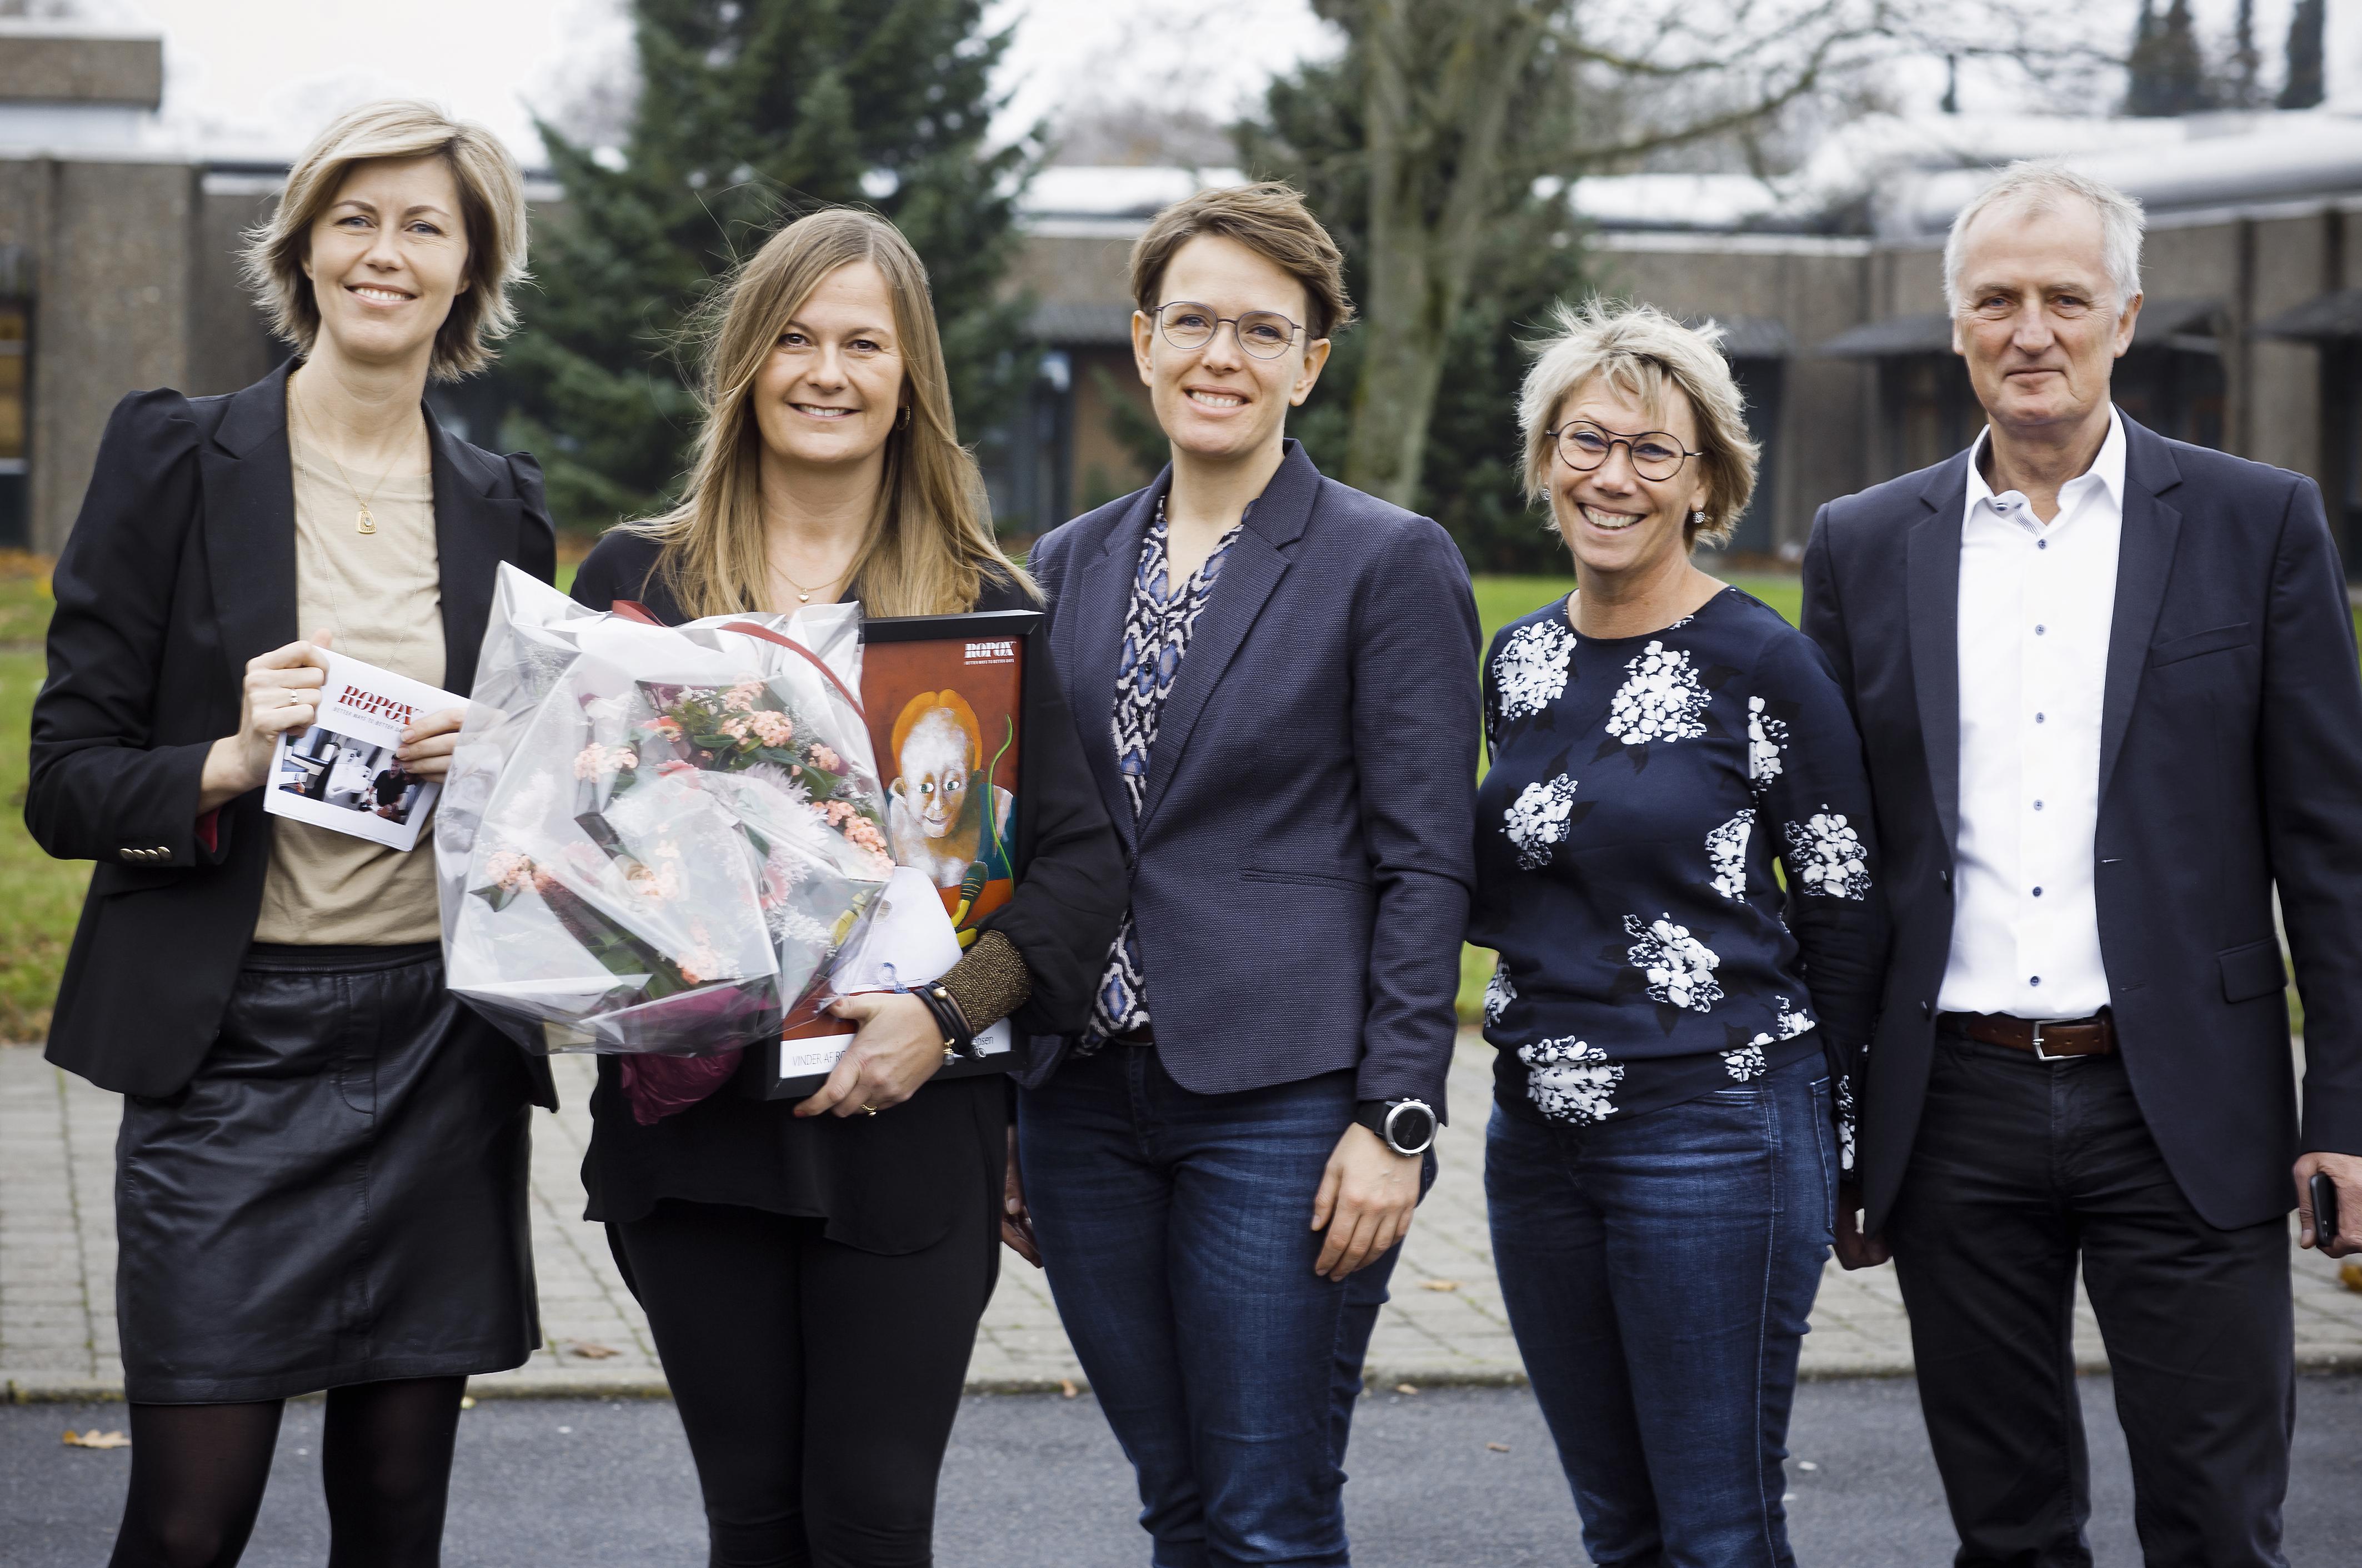 Line Lindahl-Jacobsen - i midten af billedet - fik årets ROPOX-pris. Hun er til højre flankeret af Etf's næstformand Lotte Lagoni, centerchef på Absalon Berit Whalsøe og Ropox-direktør Tommy Jensen. Længst til venstre er det international marketingkoordinator Camilla Svendsen fra Ropox.